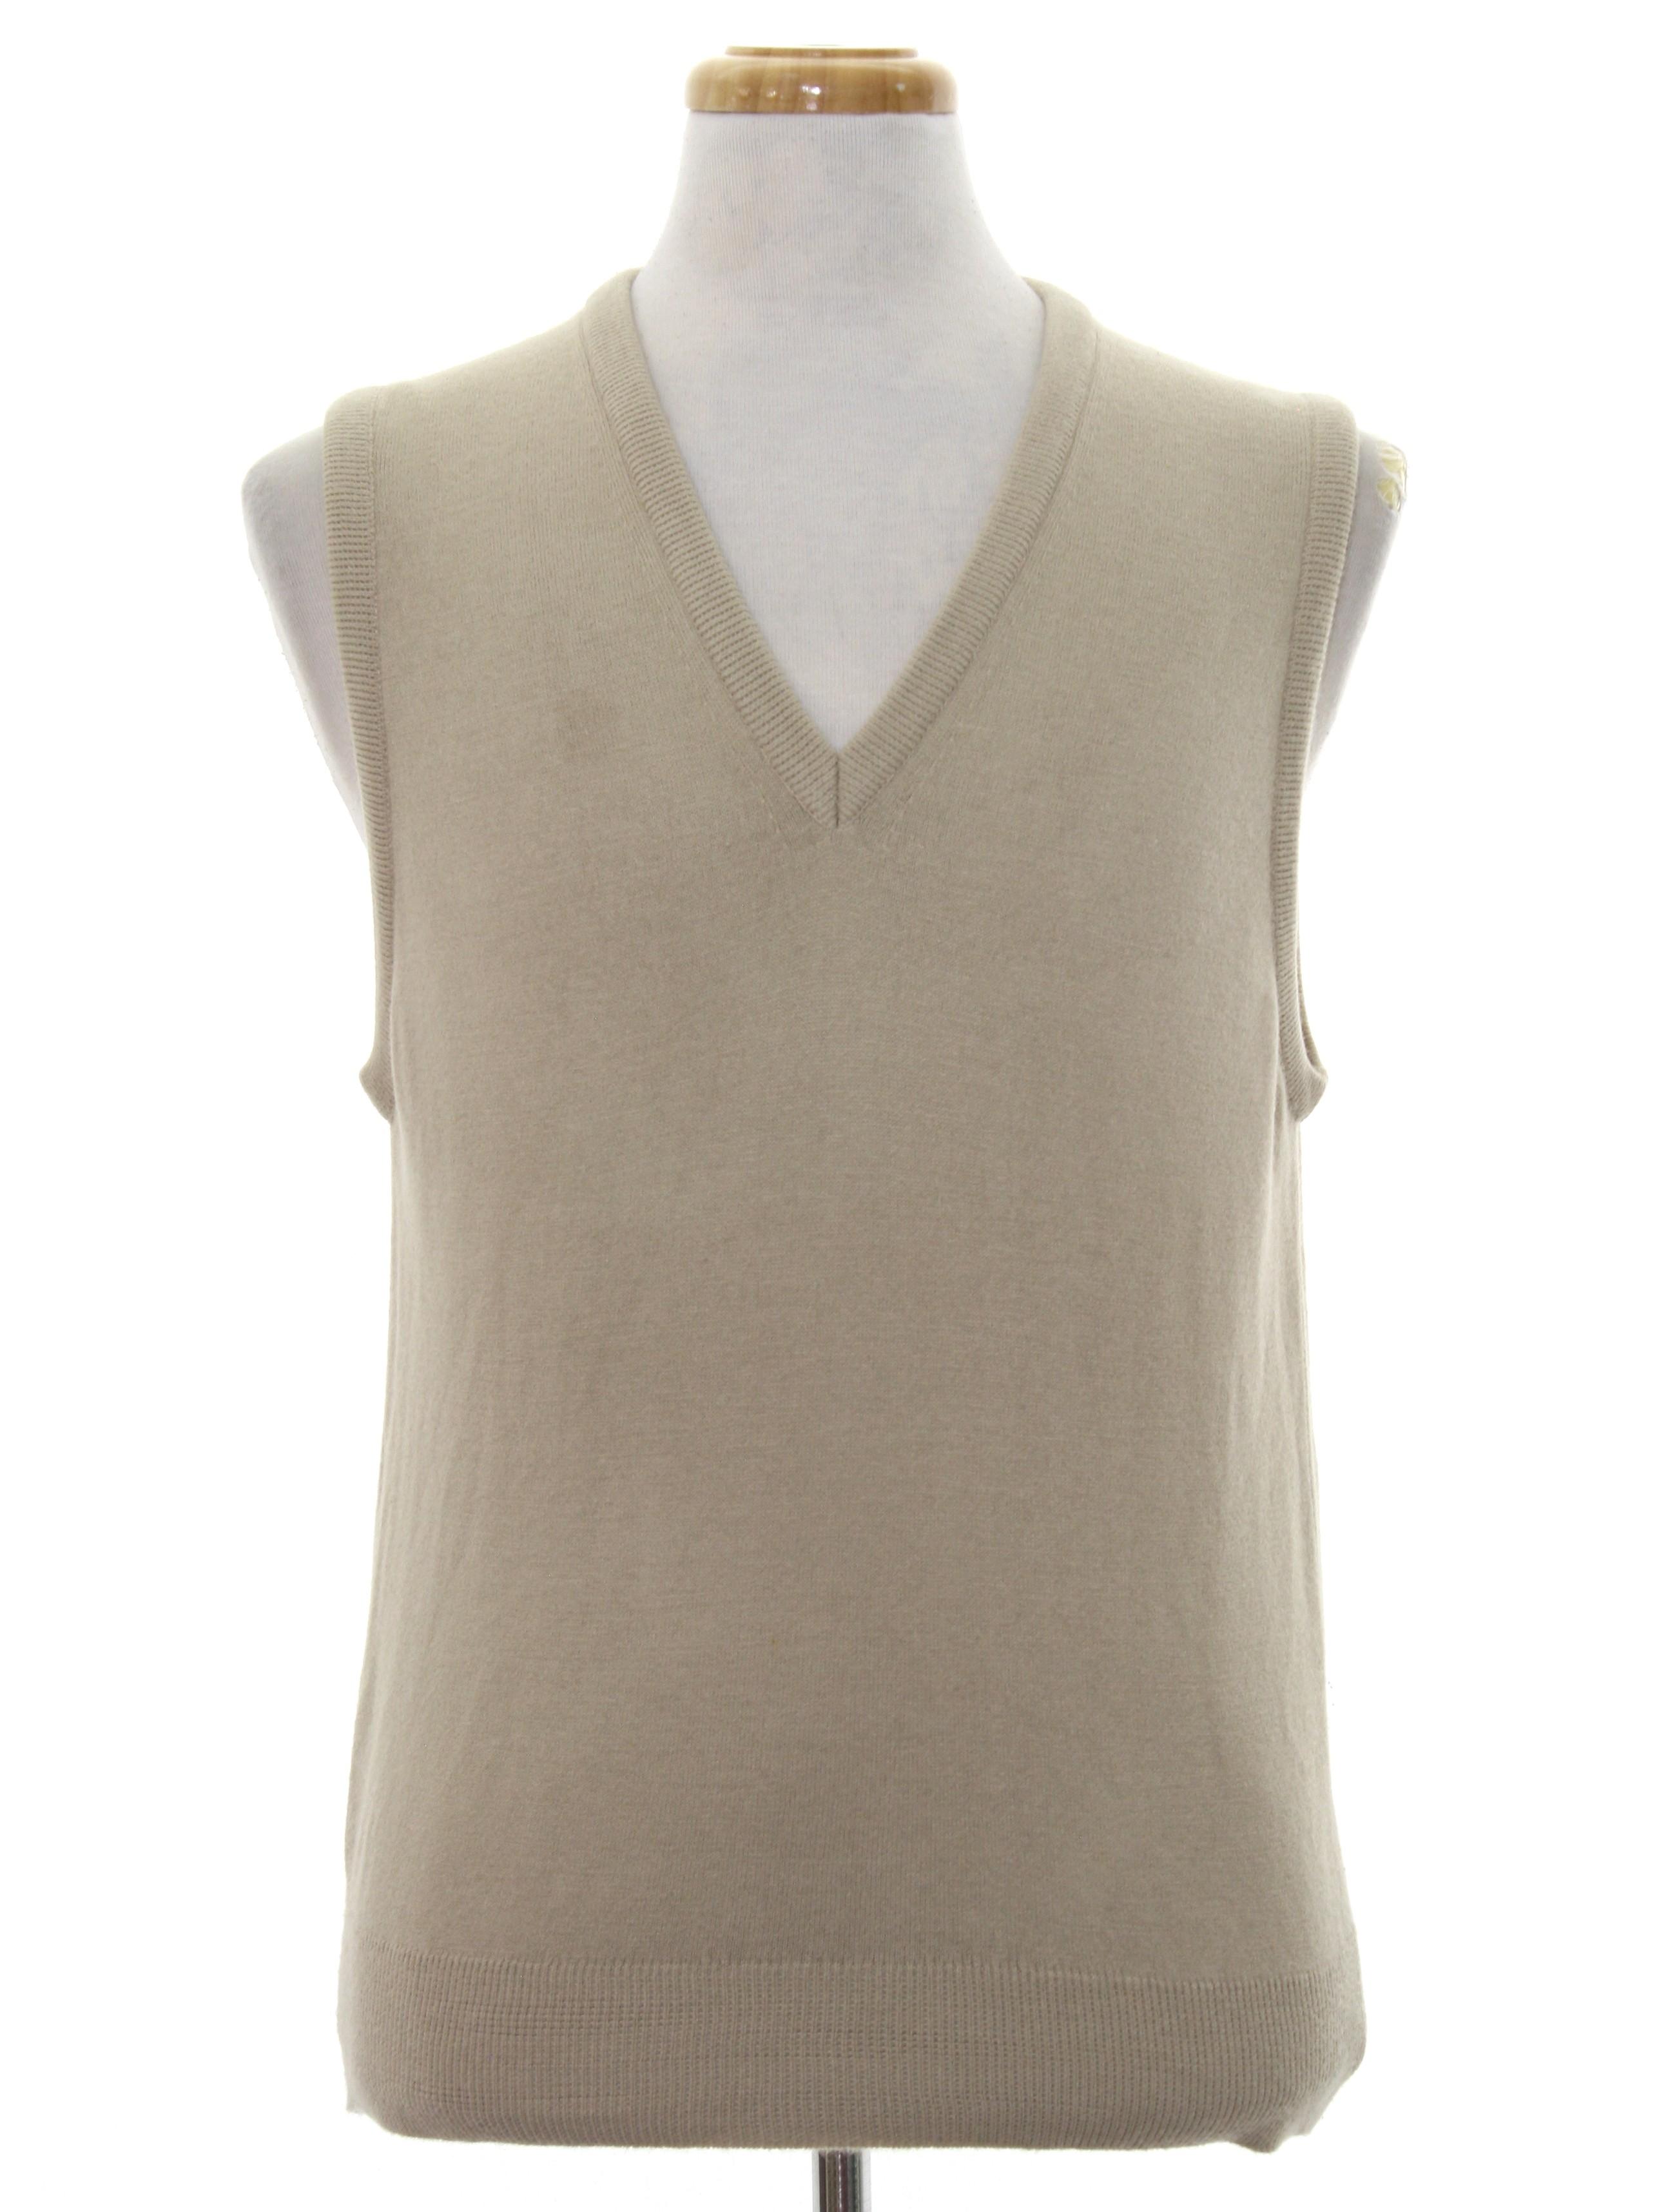 1970's Sweater (Par Four): 70s or early 80s -Par Four- Mens beige ...